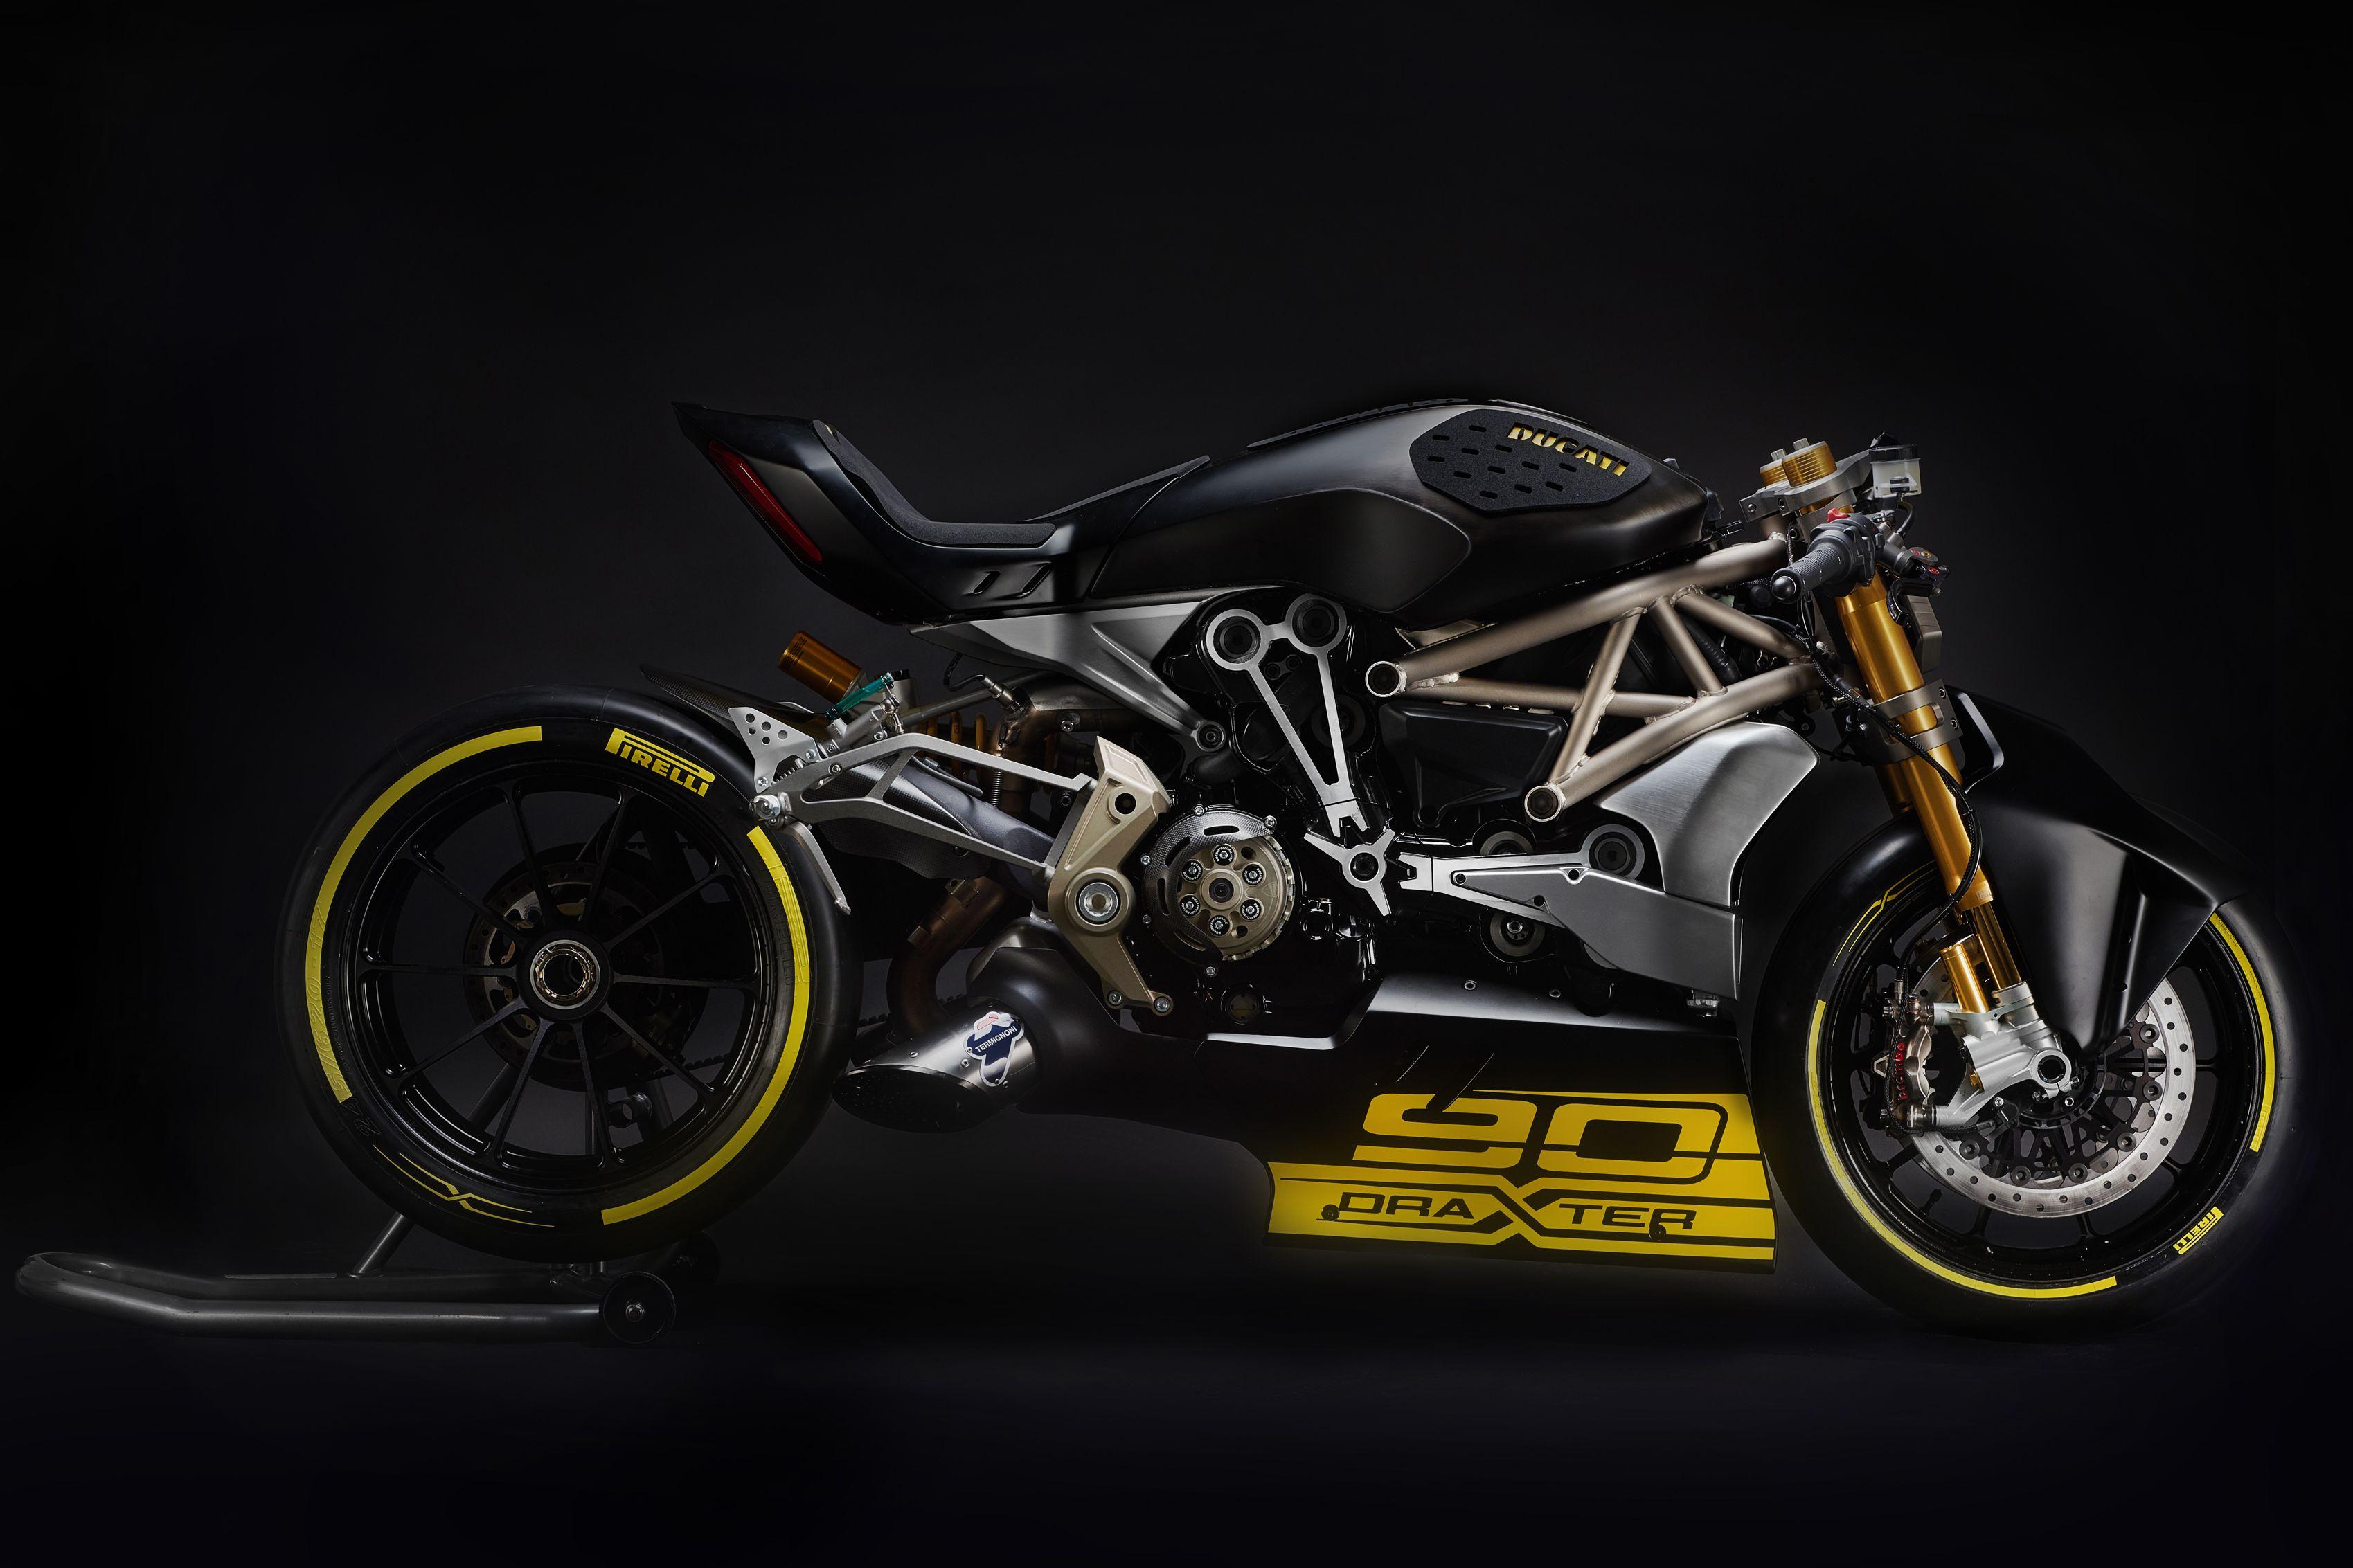 Ducati unveils draXter concept bike